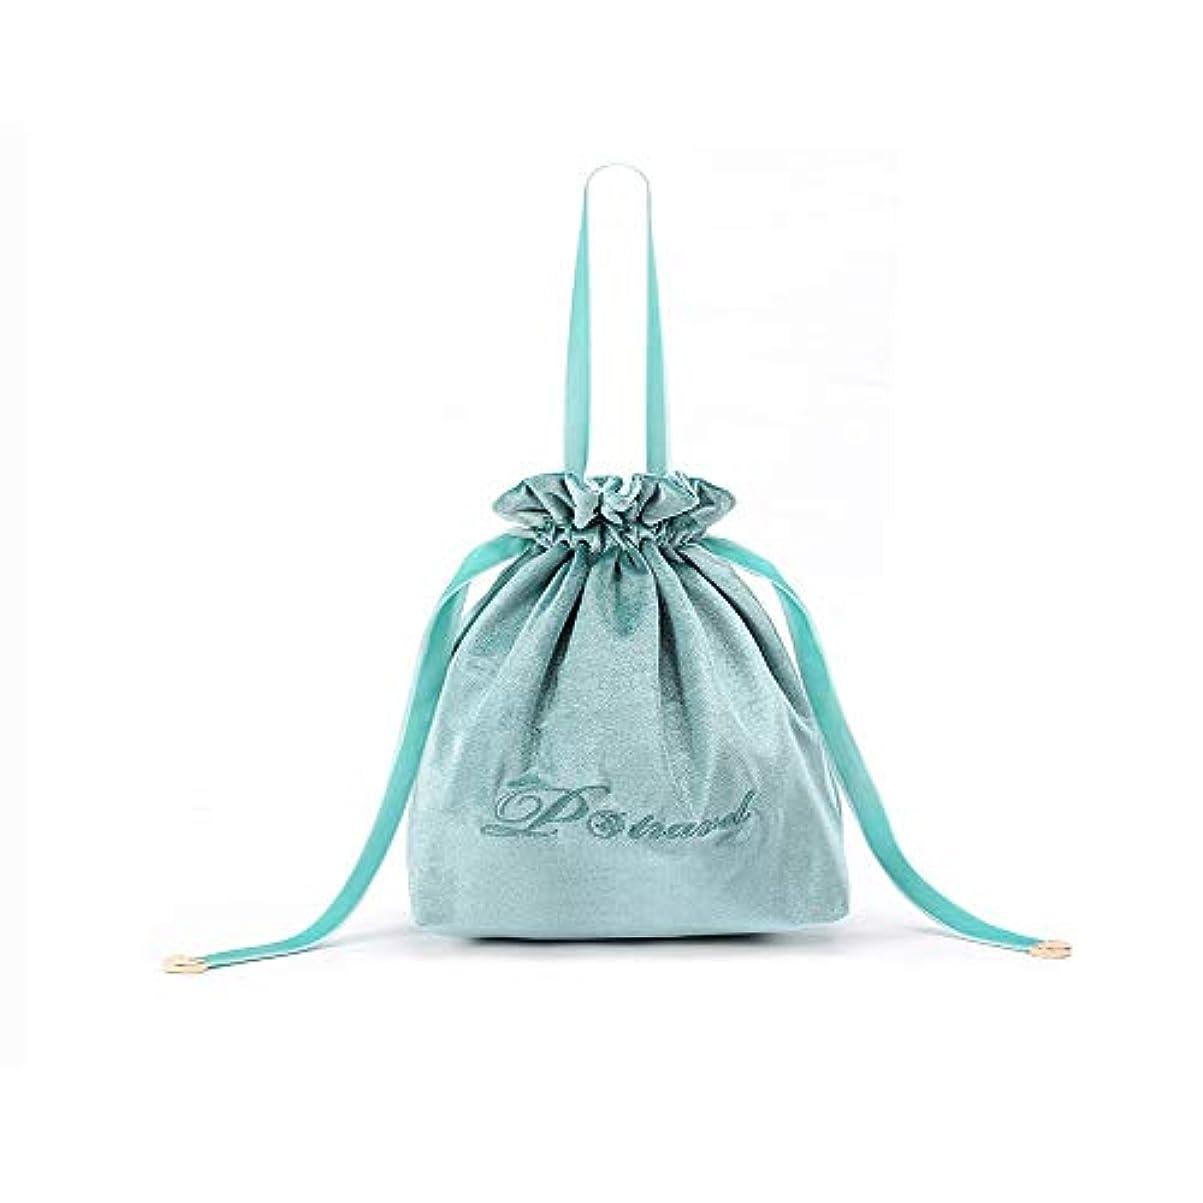 ブラストまろやかな原始的な化粧品収納ポーチ コスメポーチ 巾着 シルク 収納ポーチ メイクブラシバッグ うさぎ 収納ポーチメイクバッグ 旅行化粧バッグ 超軽量 便利 旅行 (ライトブルー)